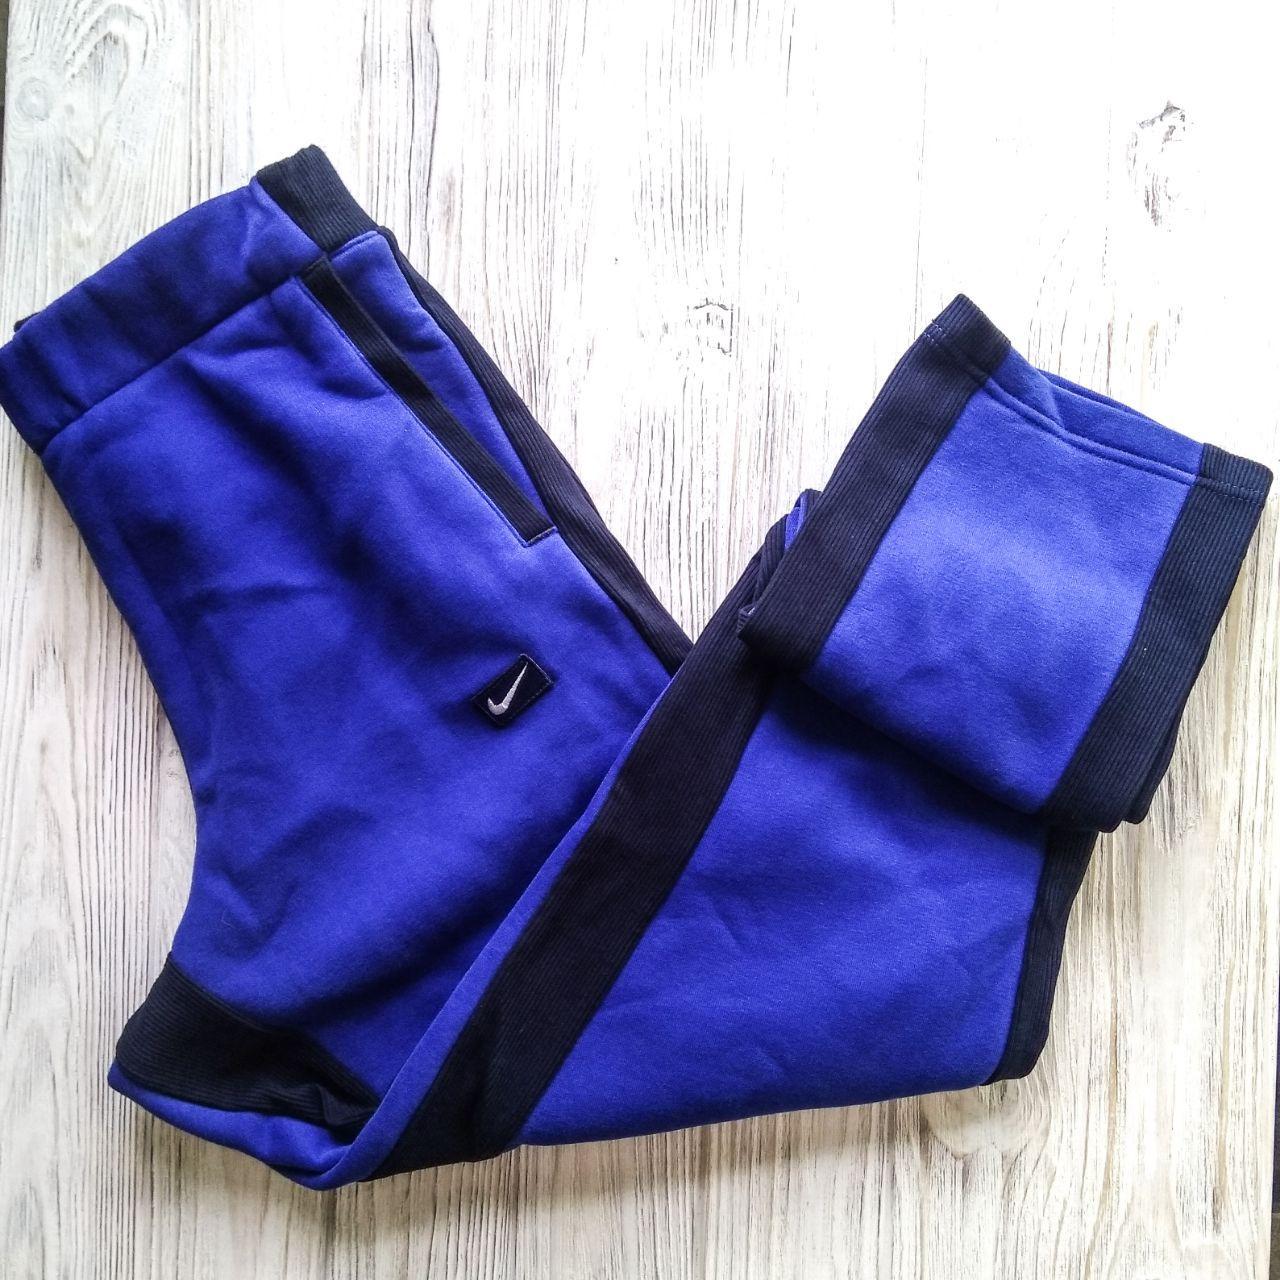 Штаны мужские спортивные Nike чёрный/синий цвет (зима)